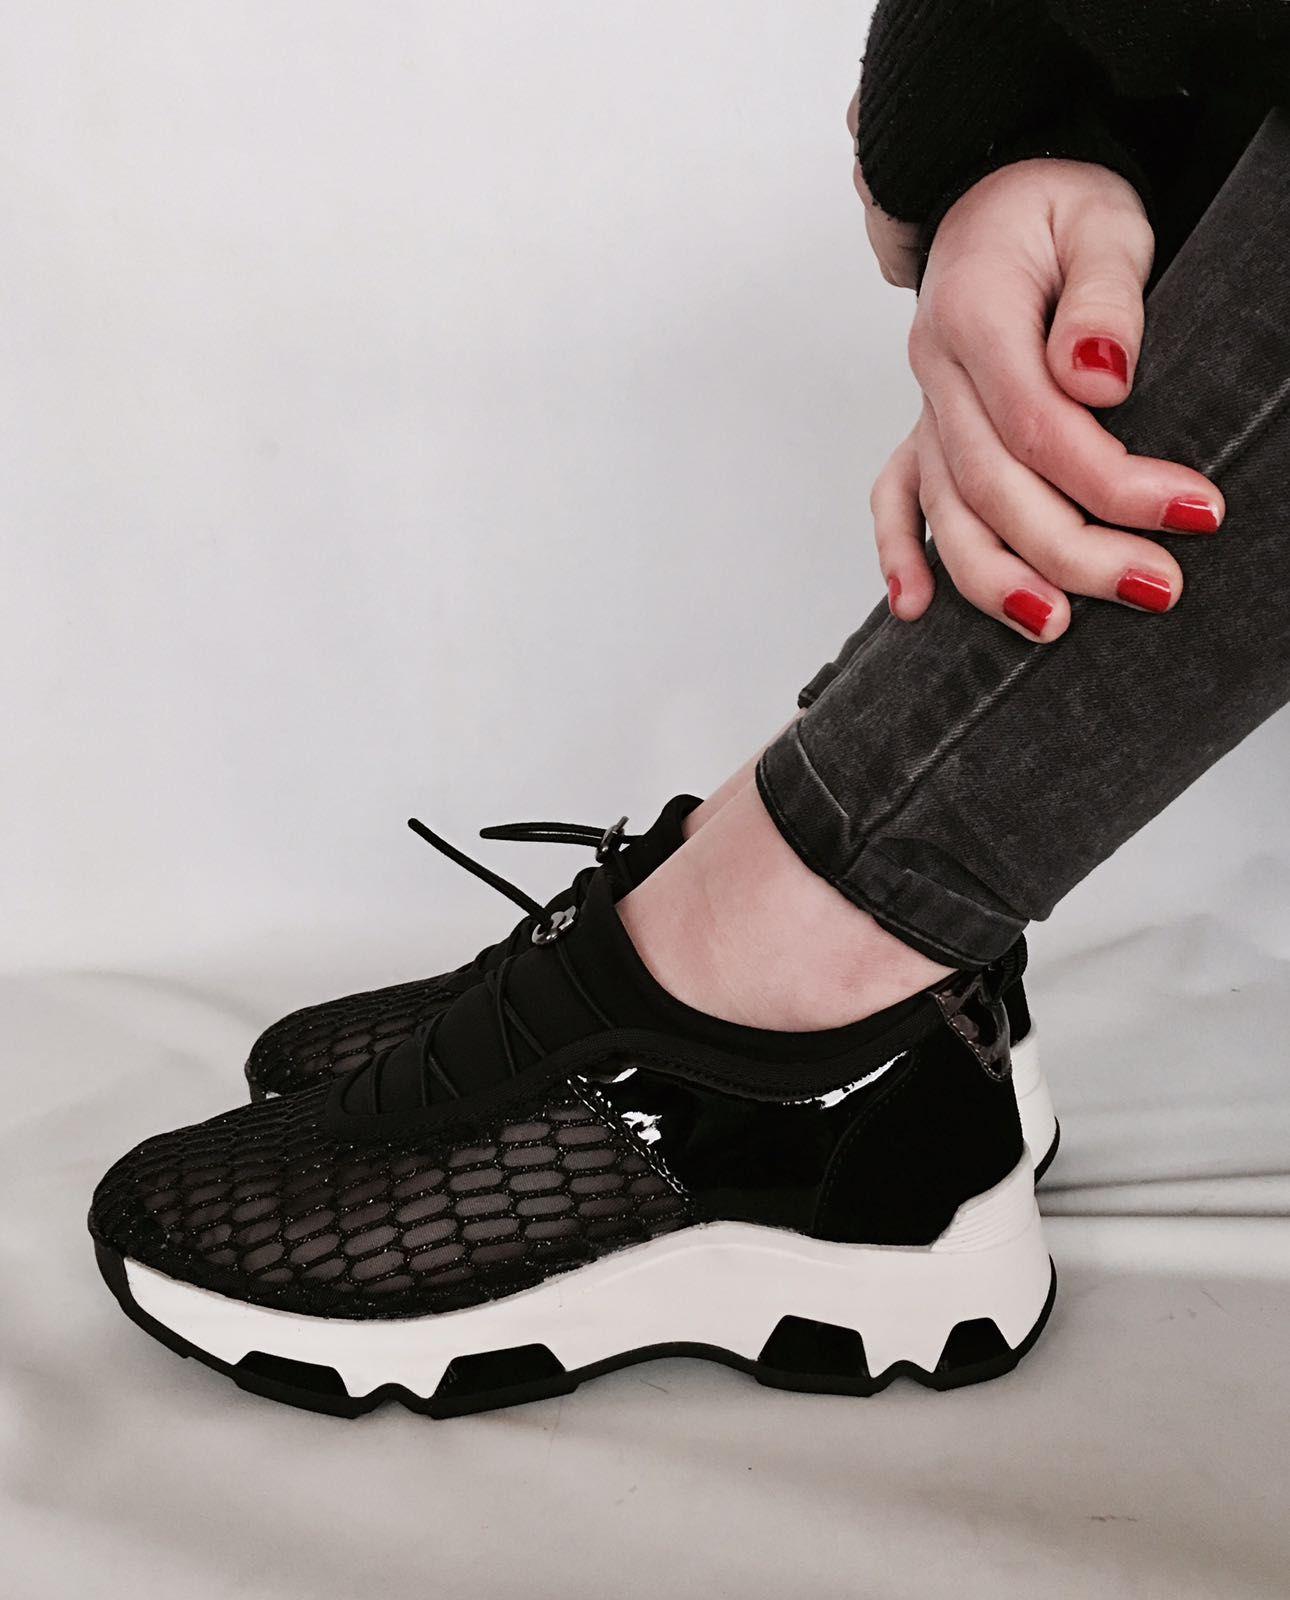 Laszapatillas Más Deportivas Casual De Fashion Con Atrévete Mujer yf76vIbYg